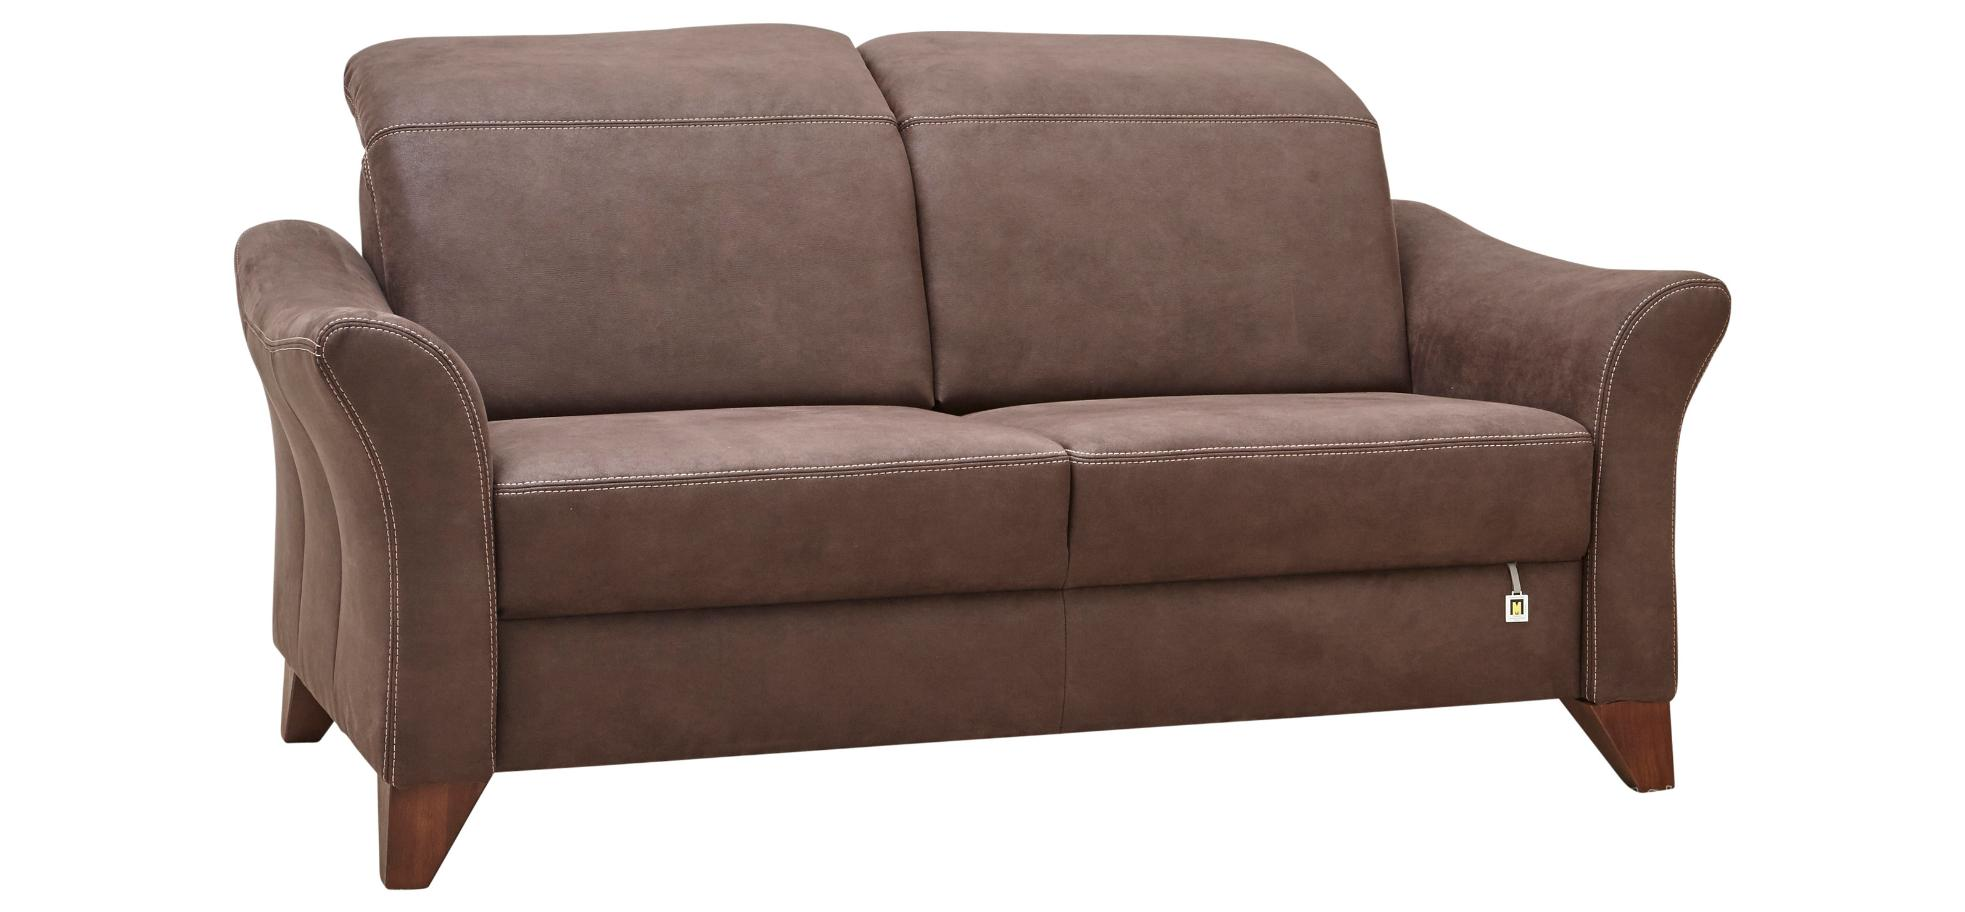 Full Size of 2 Sitzer Sofa Mit Relaxfunktion 5 2 Sitzer City Integrierter Tischablage Und Stauraumfach Leder Couch Stoff Elektrisch Stressless Gebraucht Esstisch 4 Stühlen Sofa 2 Sitzer Sofa Mit Relaxfunktion